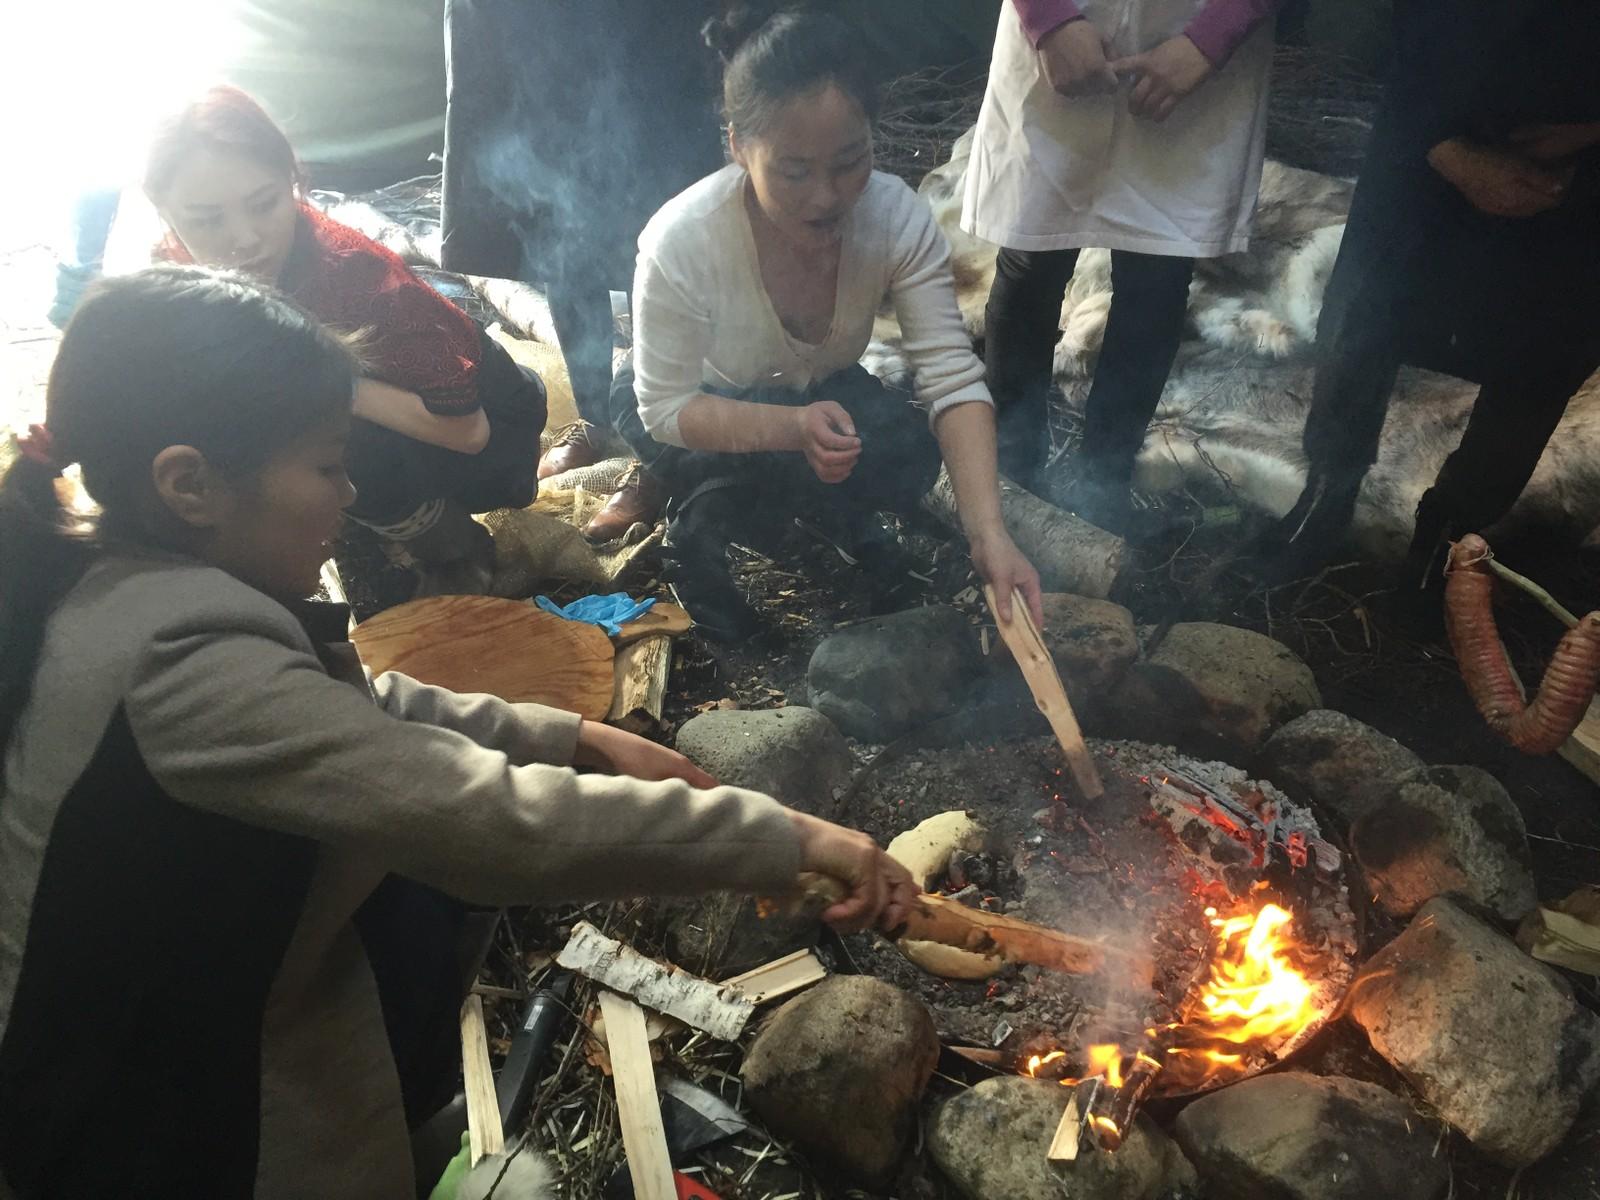 Dukha-studentene steker brød i glør